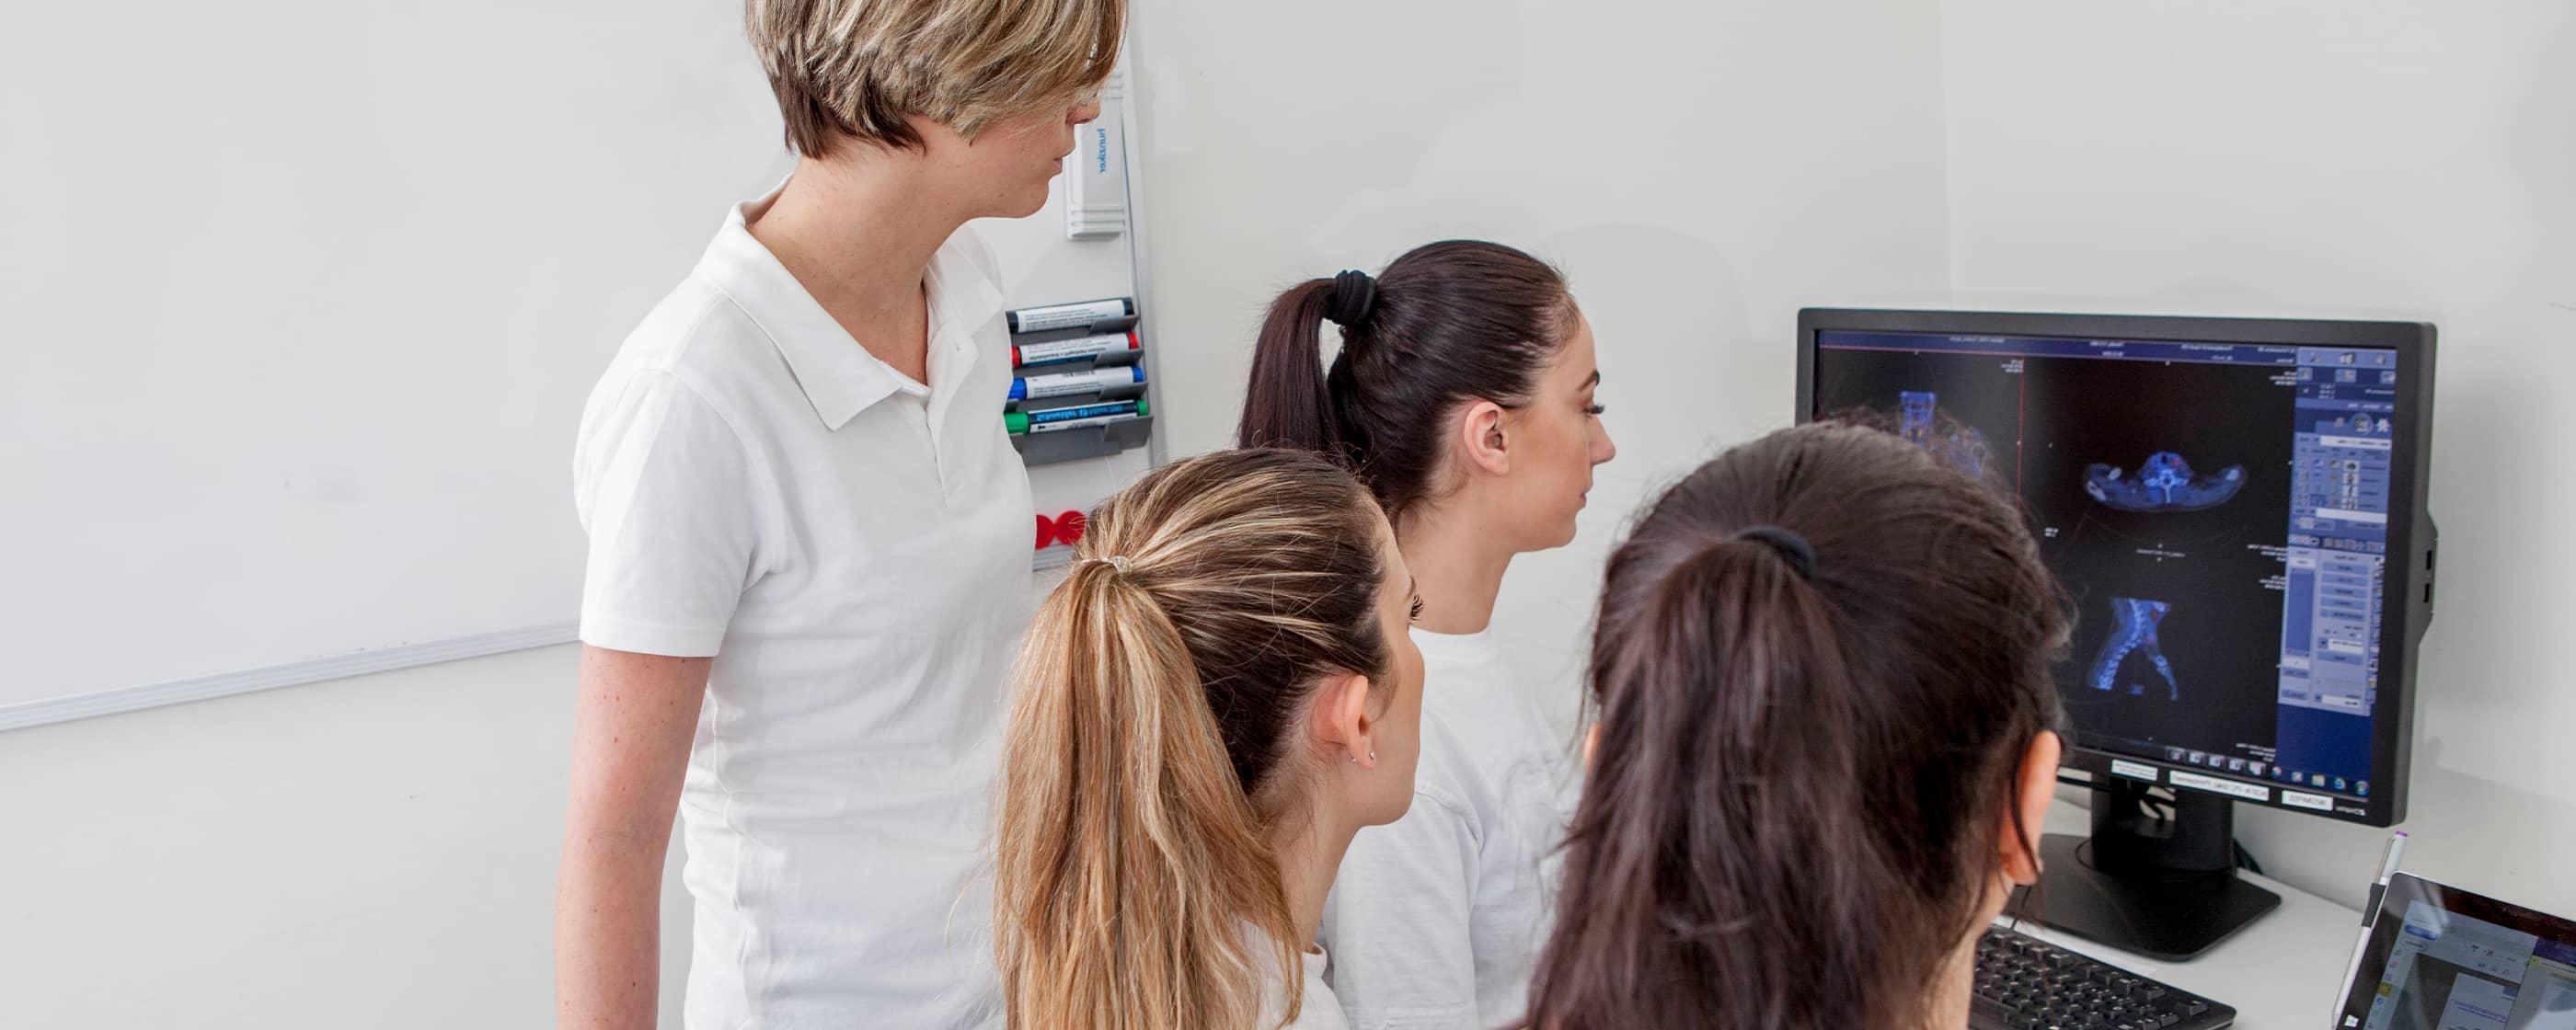 Höhere Fachschule medizinisch-technische Radiologie